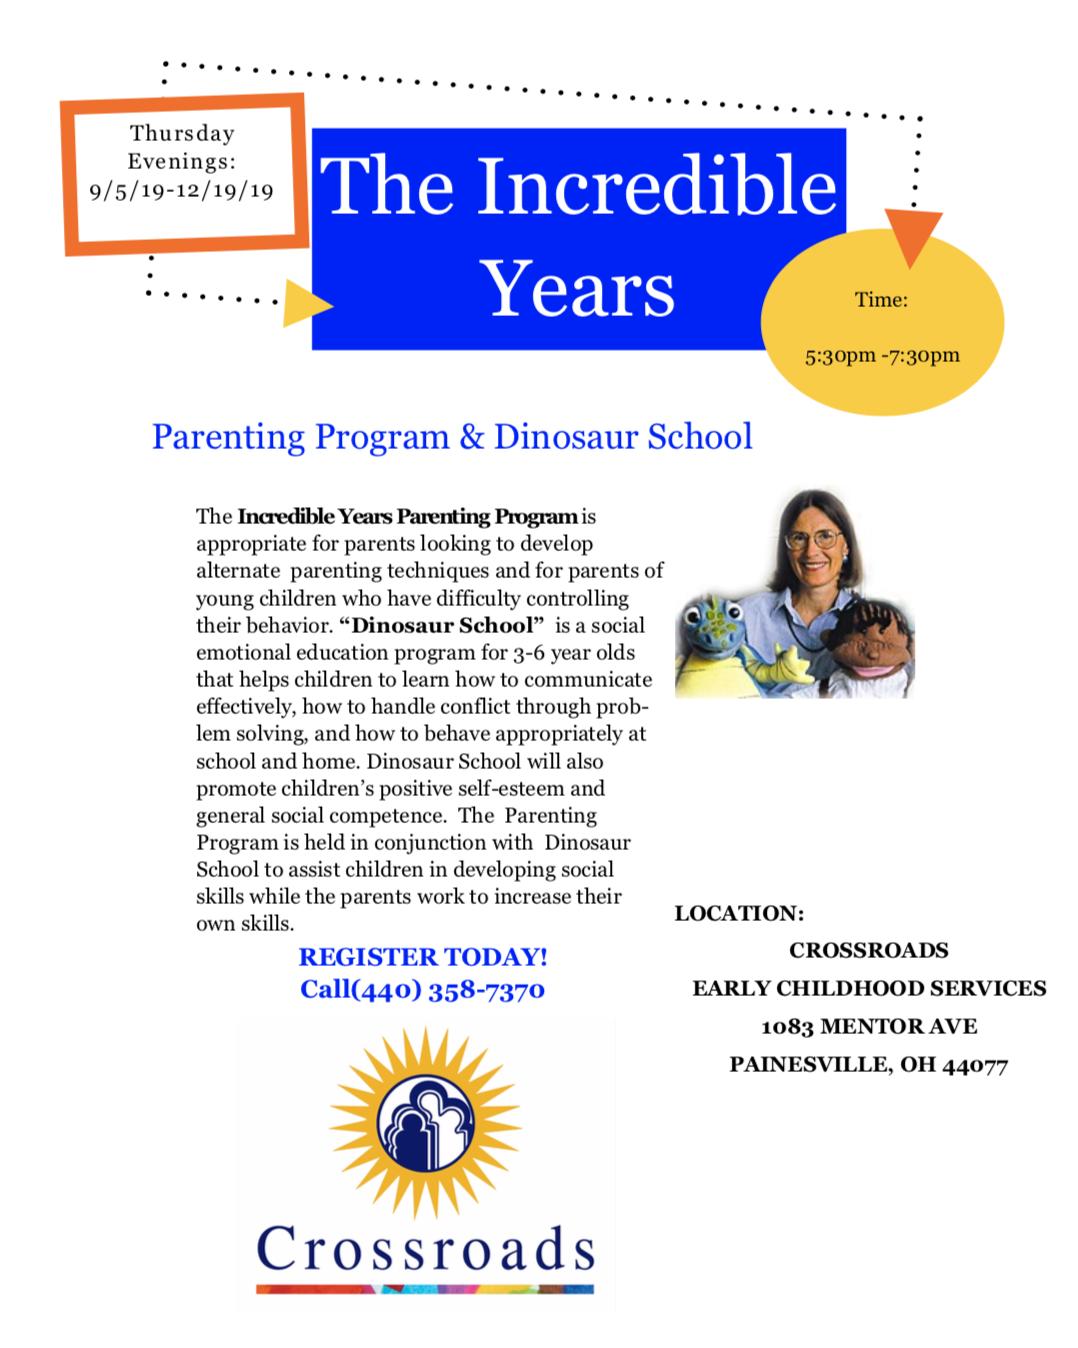 Incredible Years Parenting Program